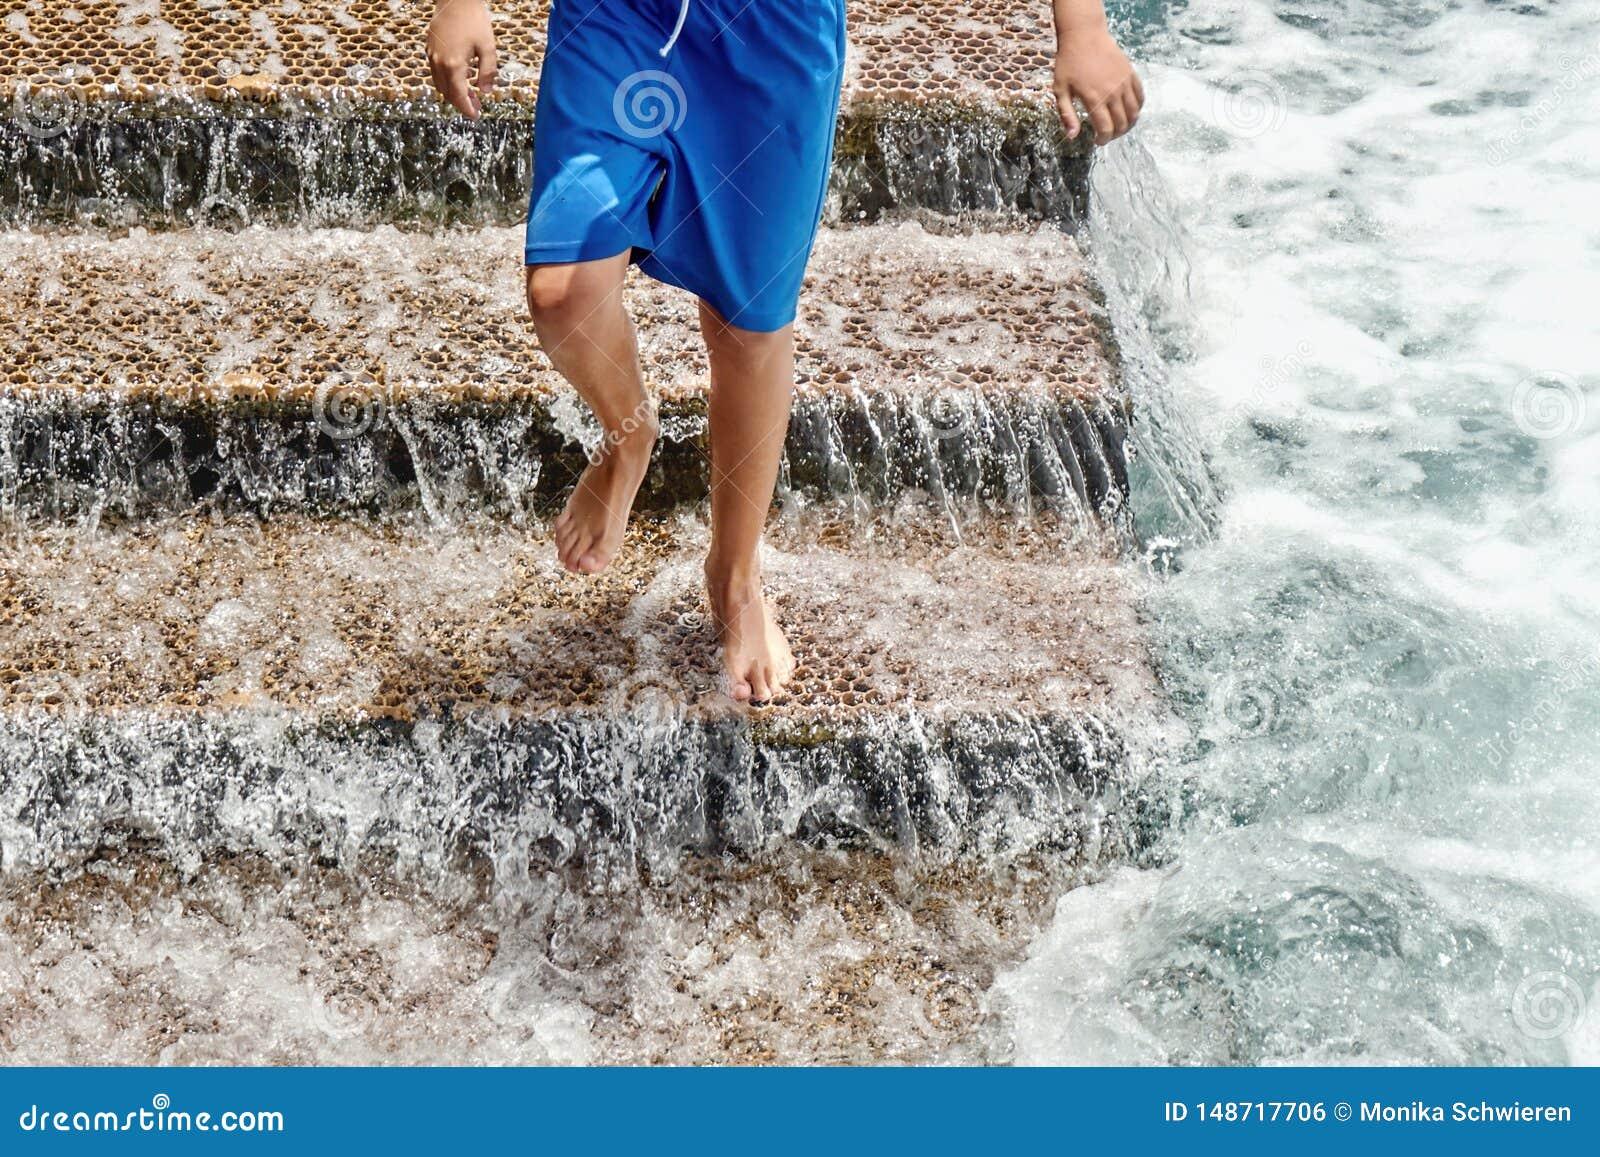 Ein Treppenhaus f?r Badeg?ste im Atlantik, ein junger Mann, der hinunter die Treppe springt